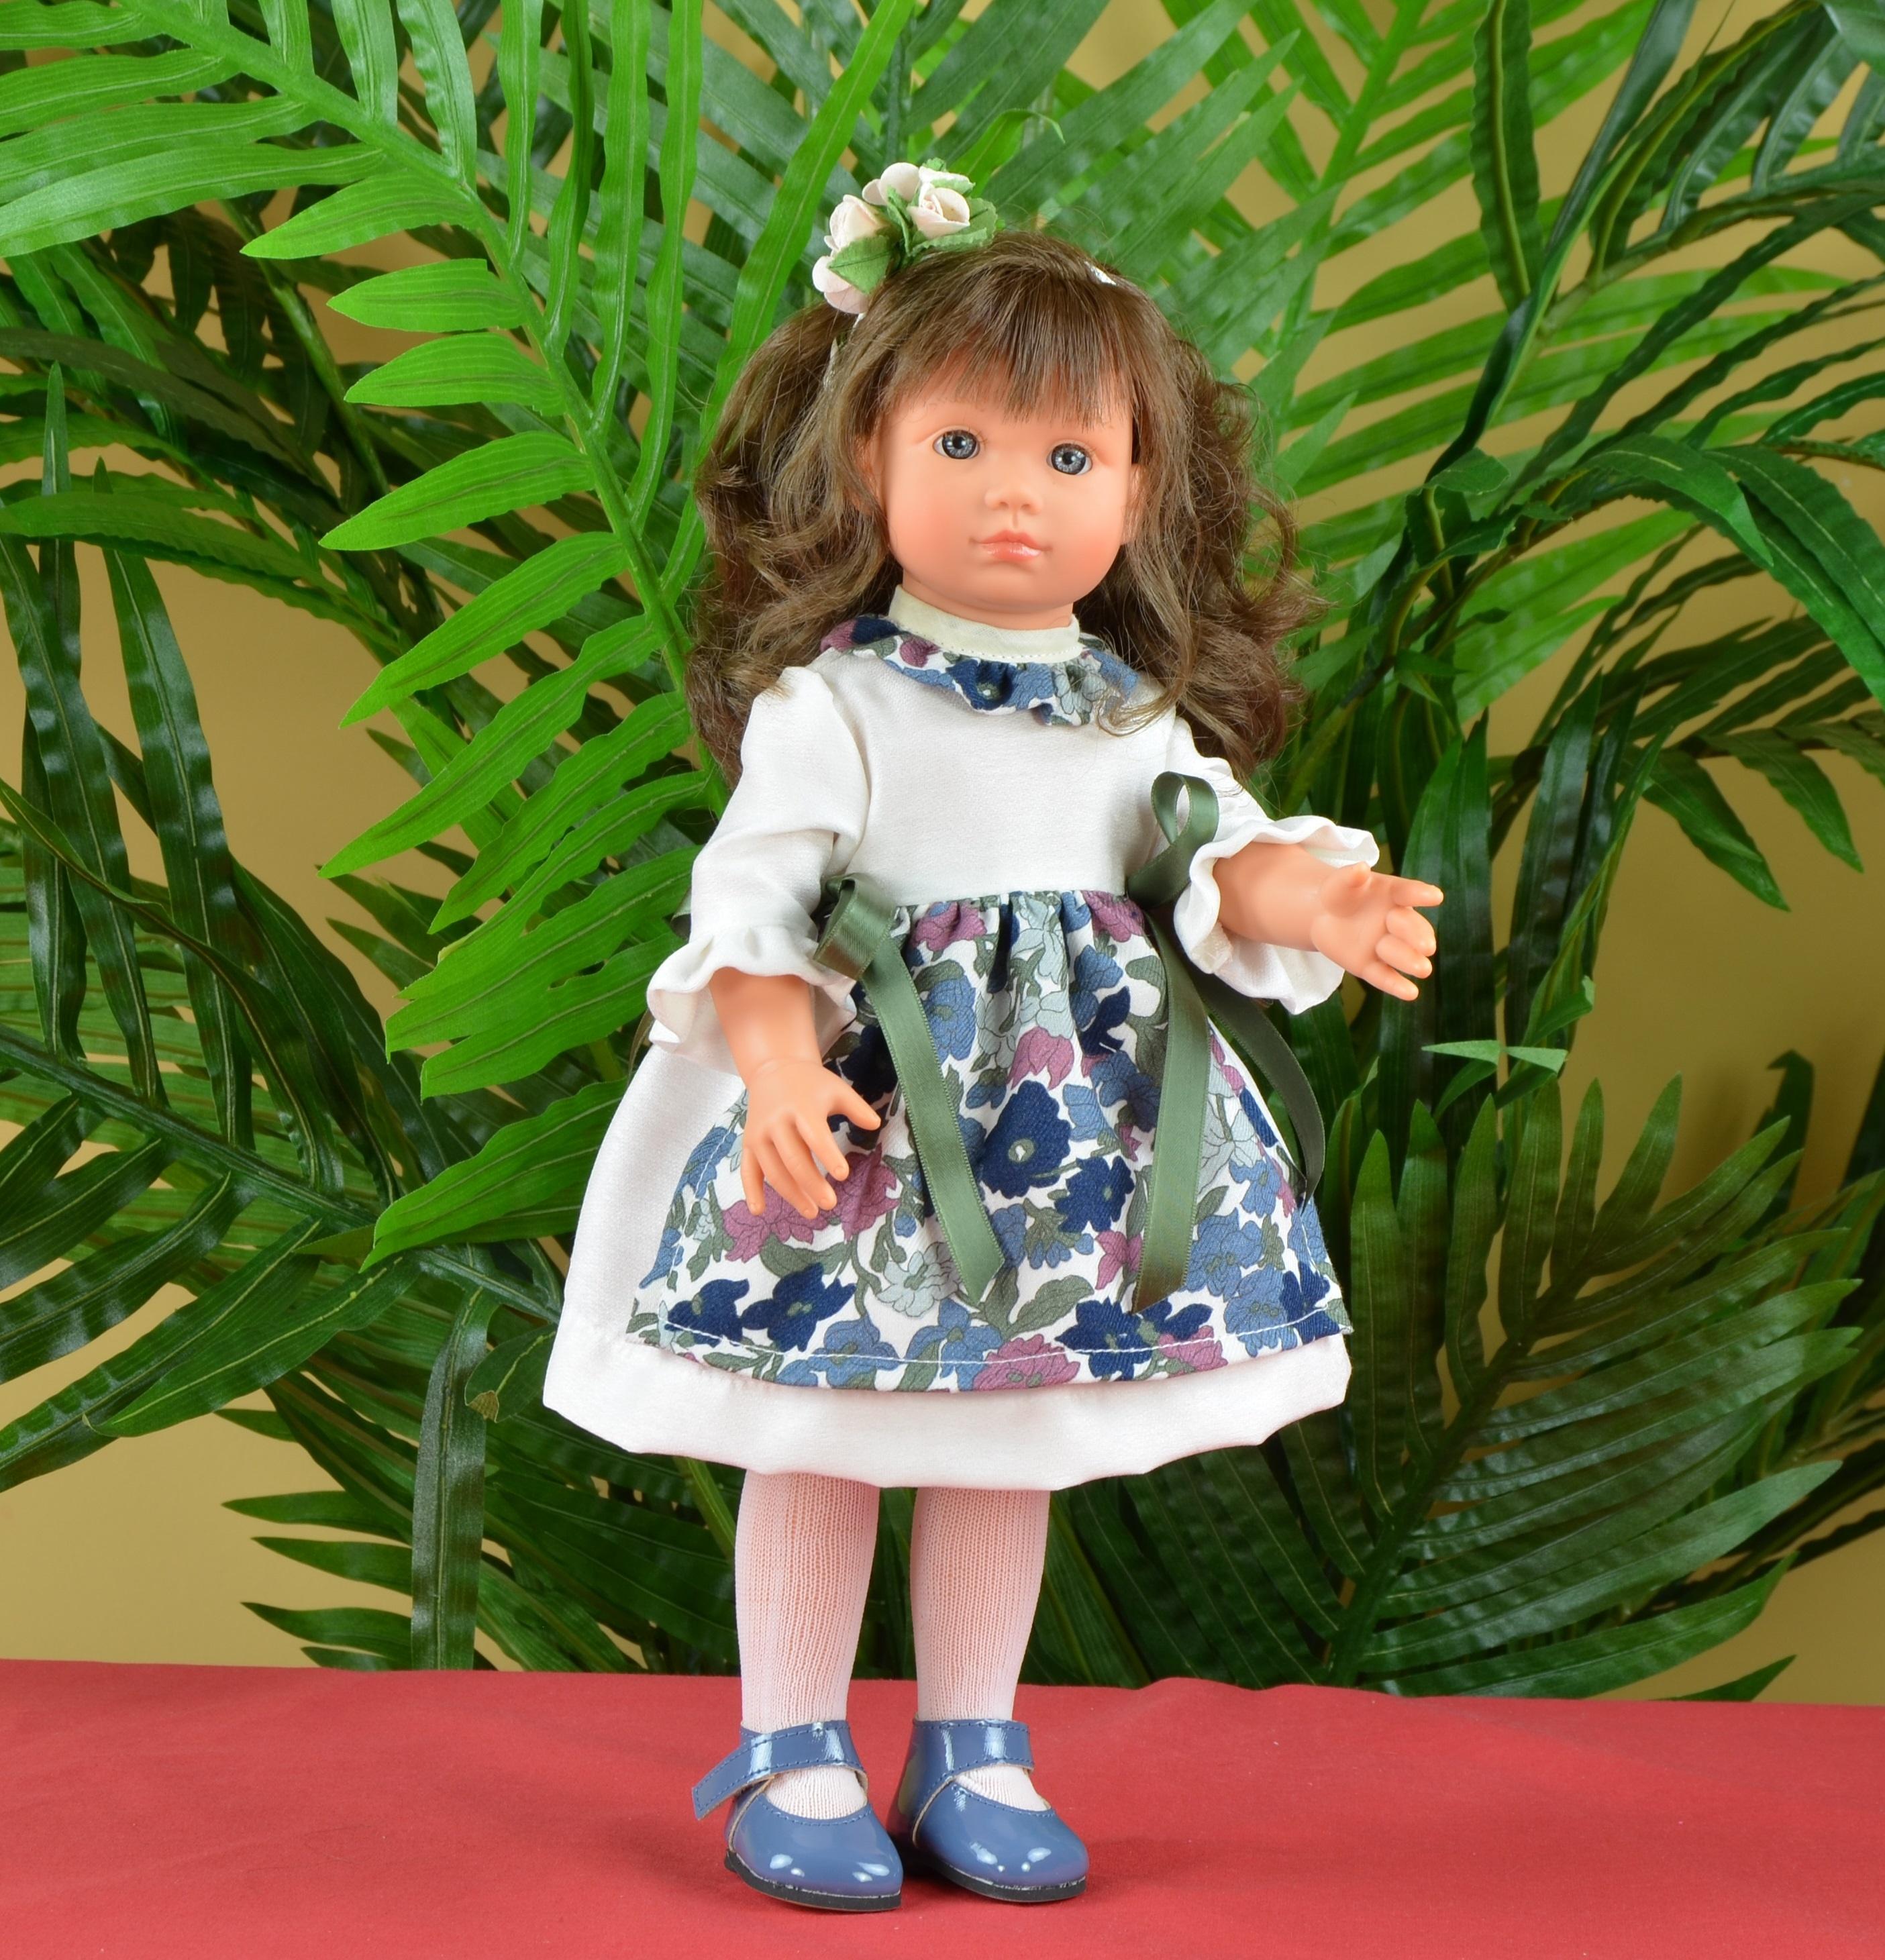 Кукла Нелли в платье с цветочками, 43 см.Куклы ASI (Испания)<br>Кукла Нелли в платье с цветочками, 43 см.<br>